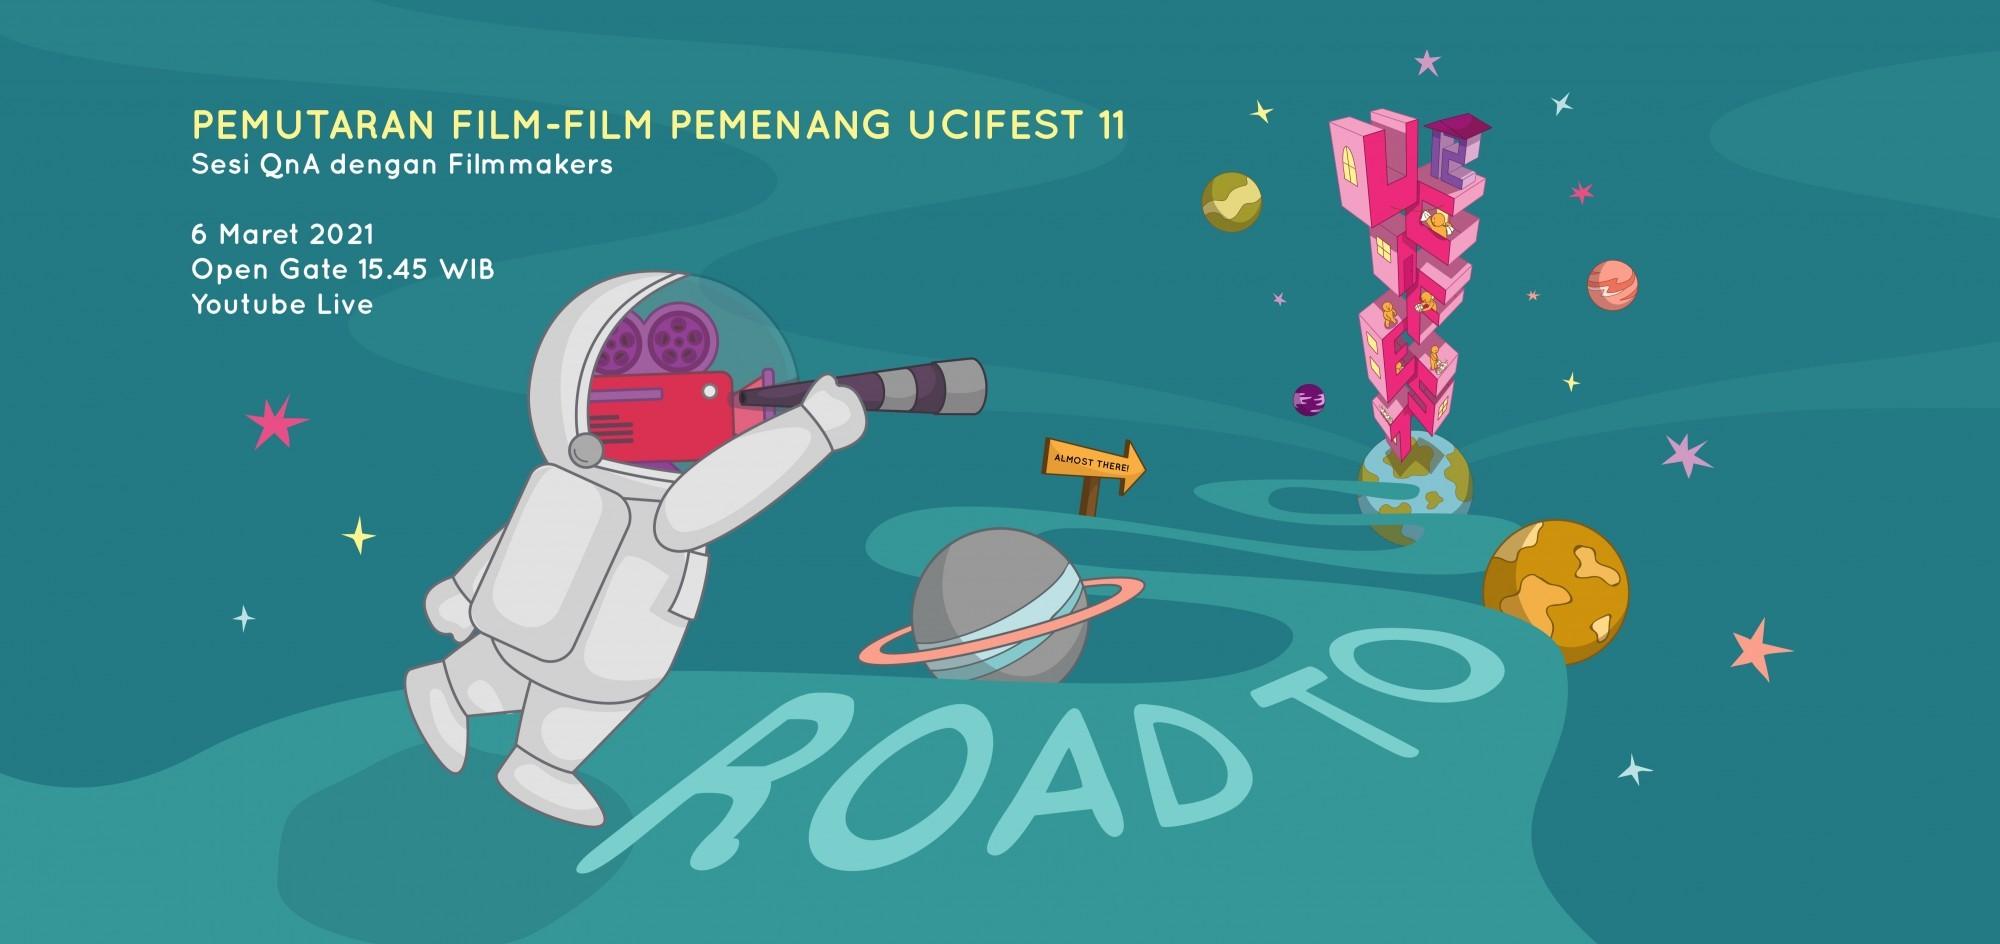 ROAD TO UCIFEST 12 - Pemutaran Film + Diskusi bersama FIlmmaker Pemenang UCIFEST 11